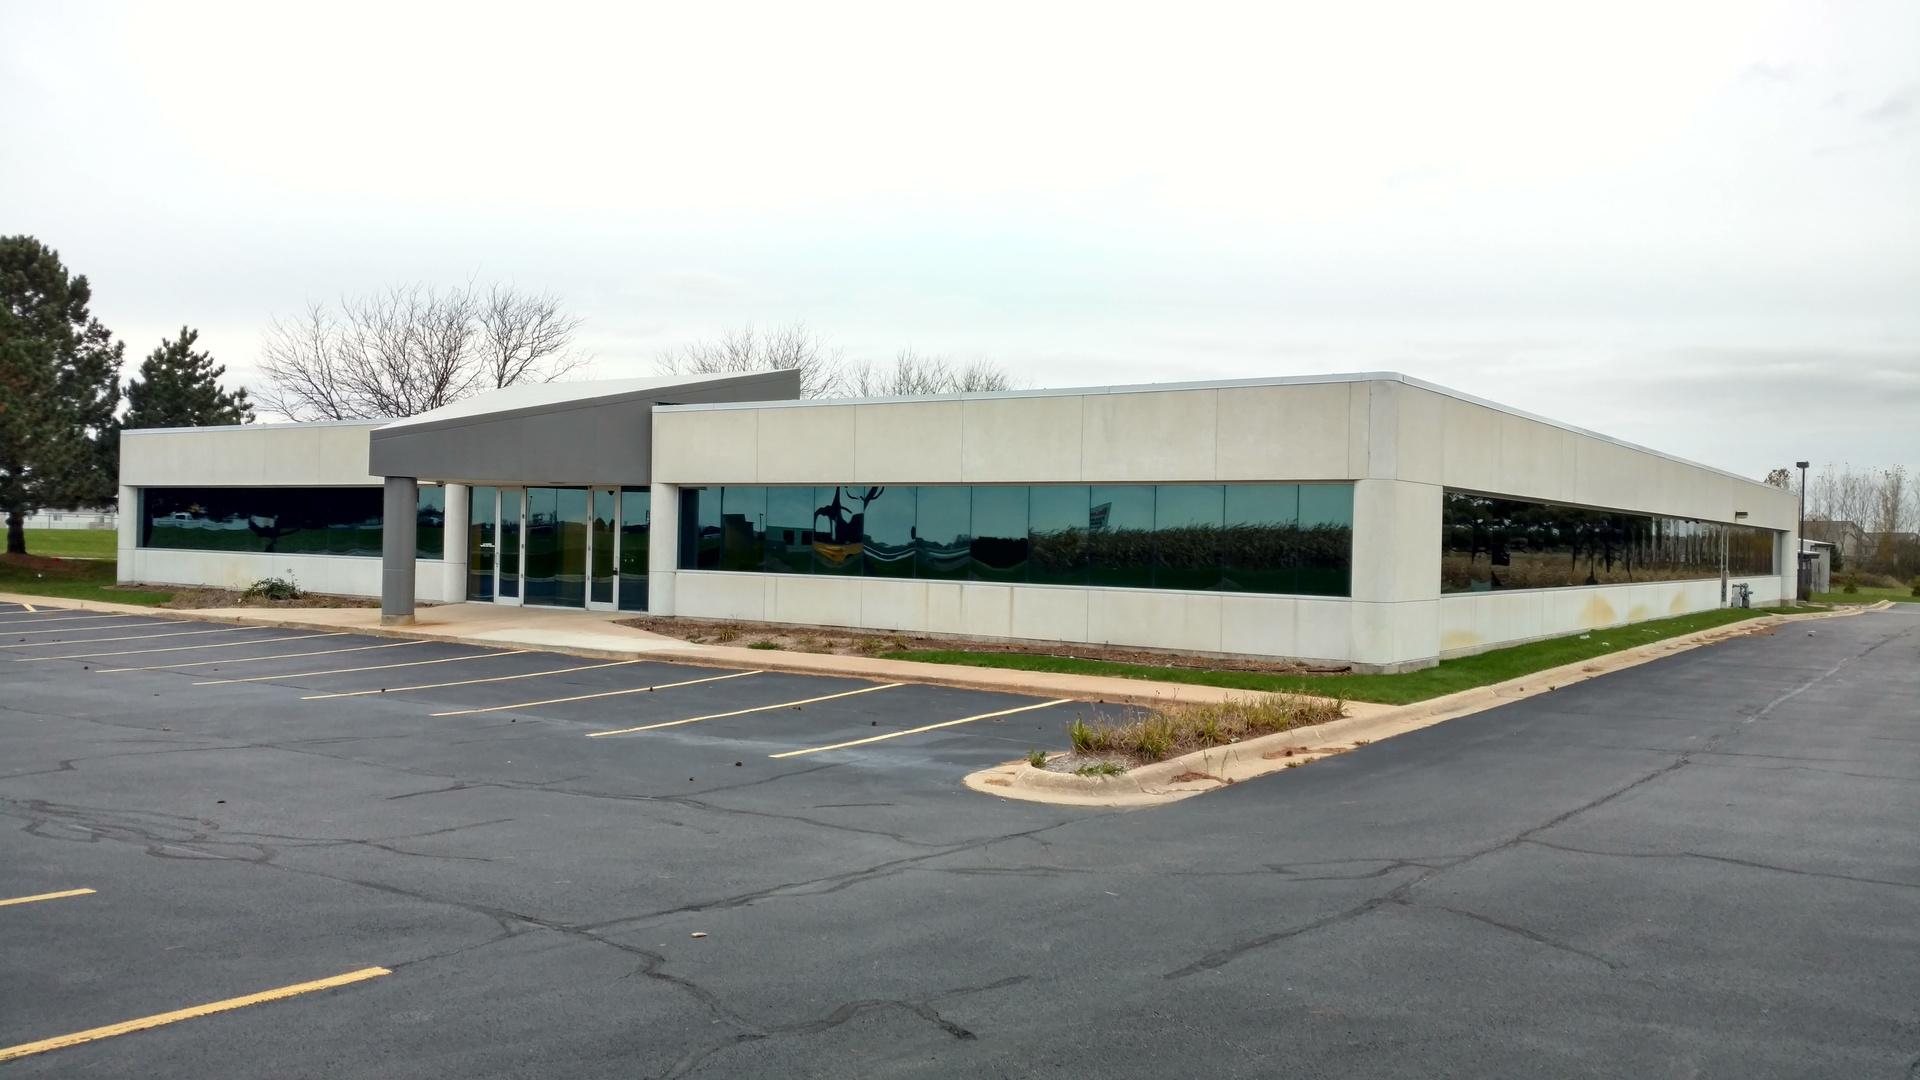 4203 Galleria ,Loves Park, Illinois 61111